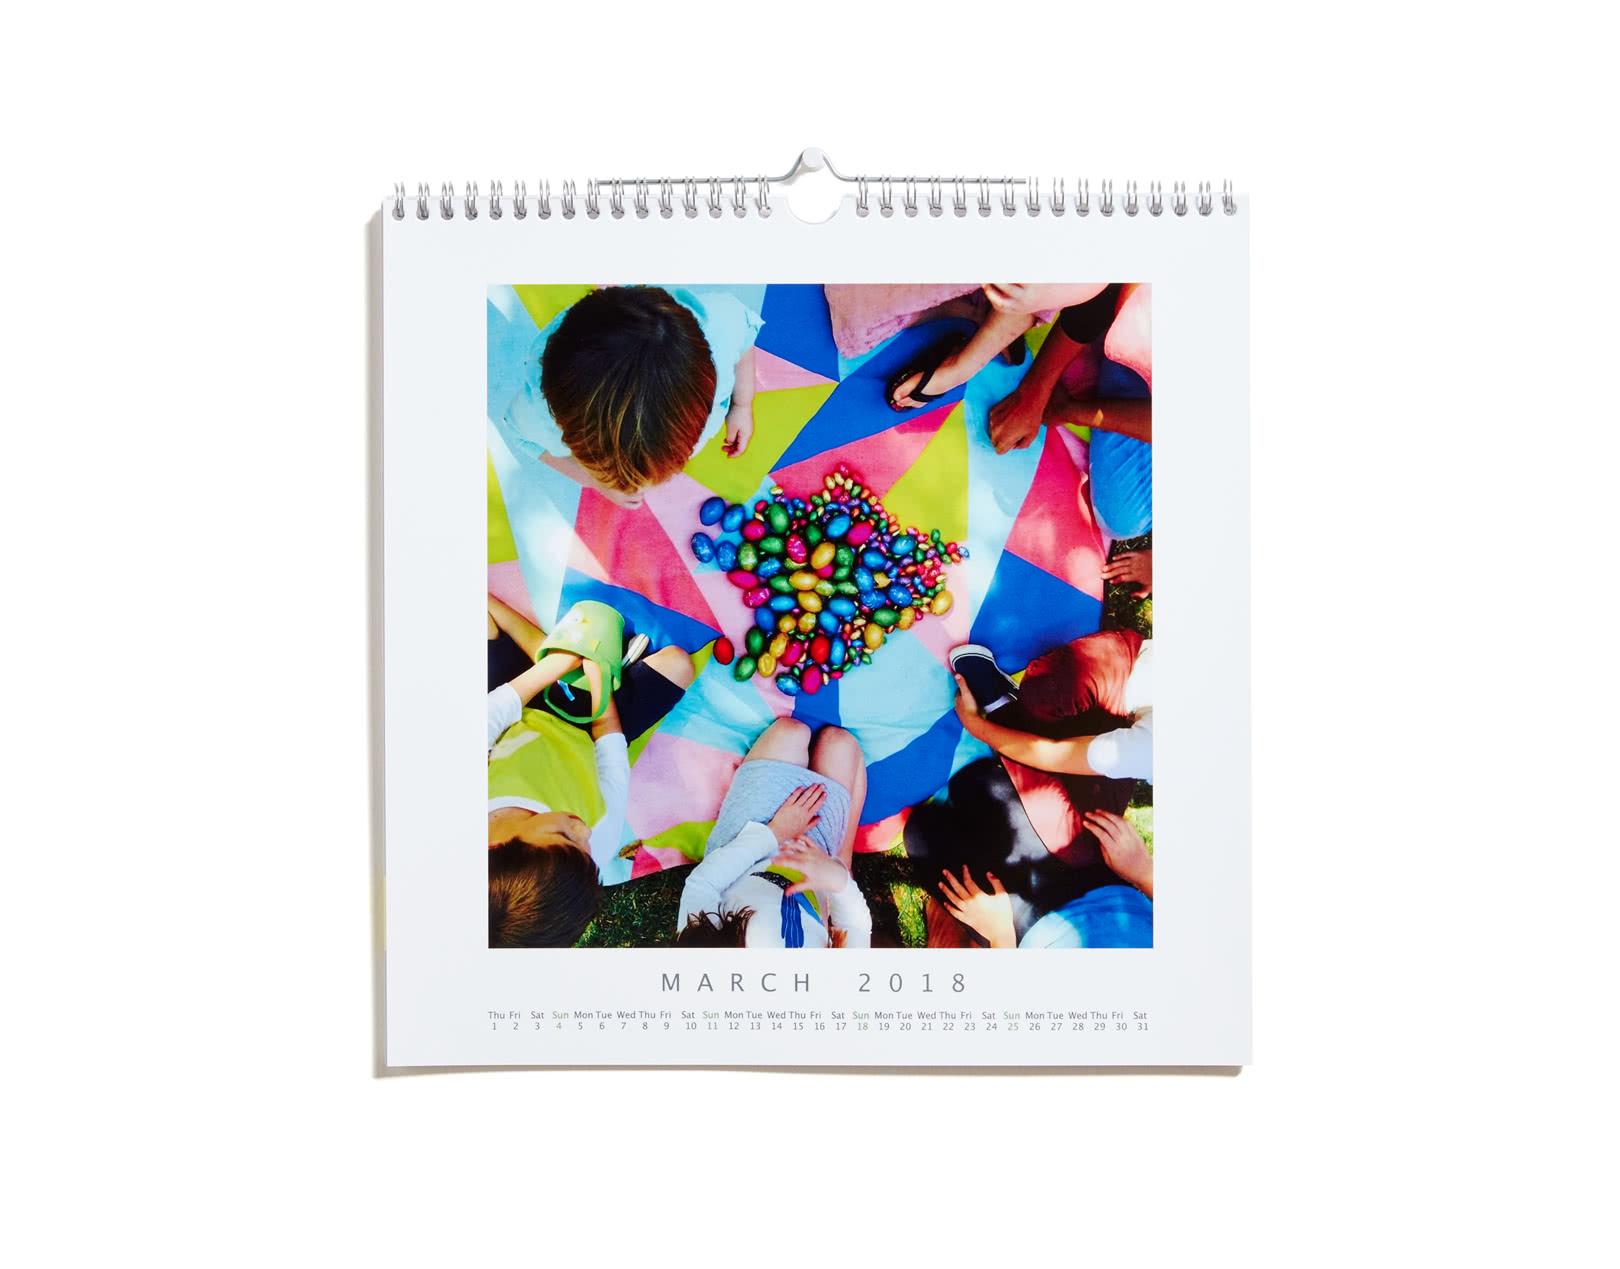 square calendar photobox